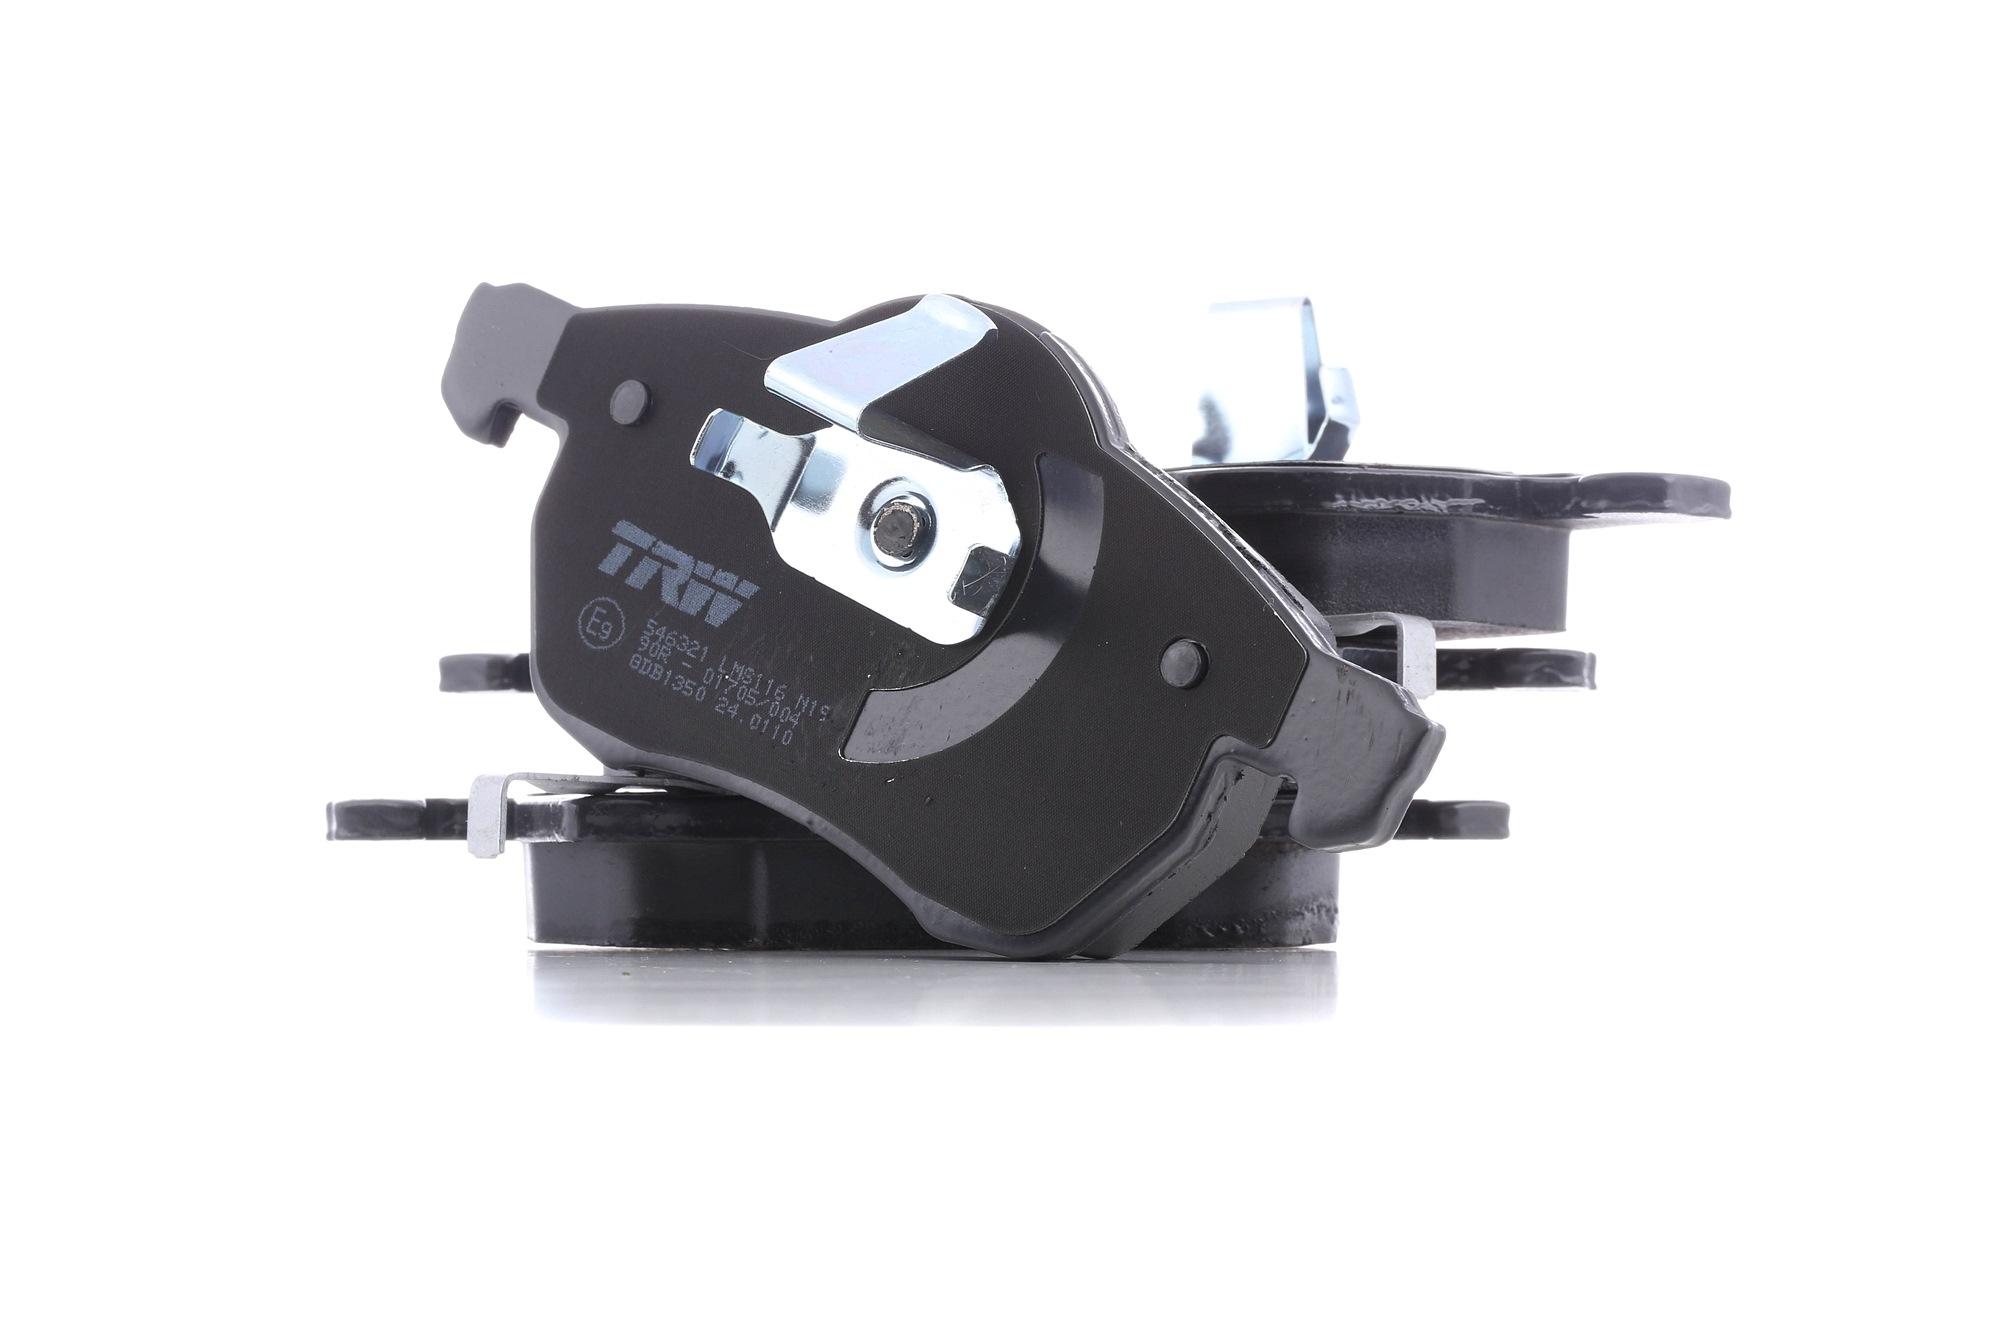 Bremsekloss sett TRW GDB1350 rangering